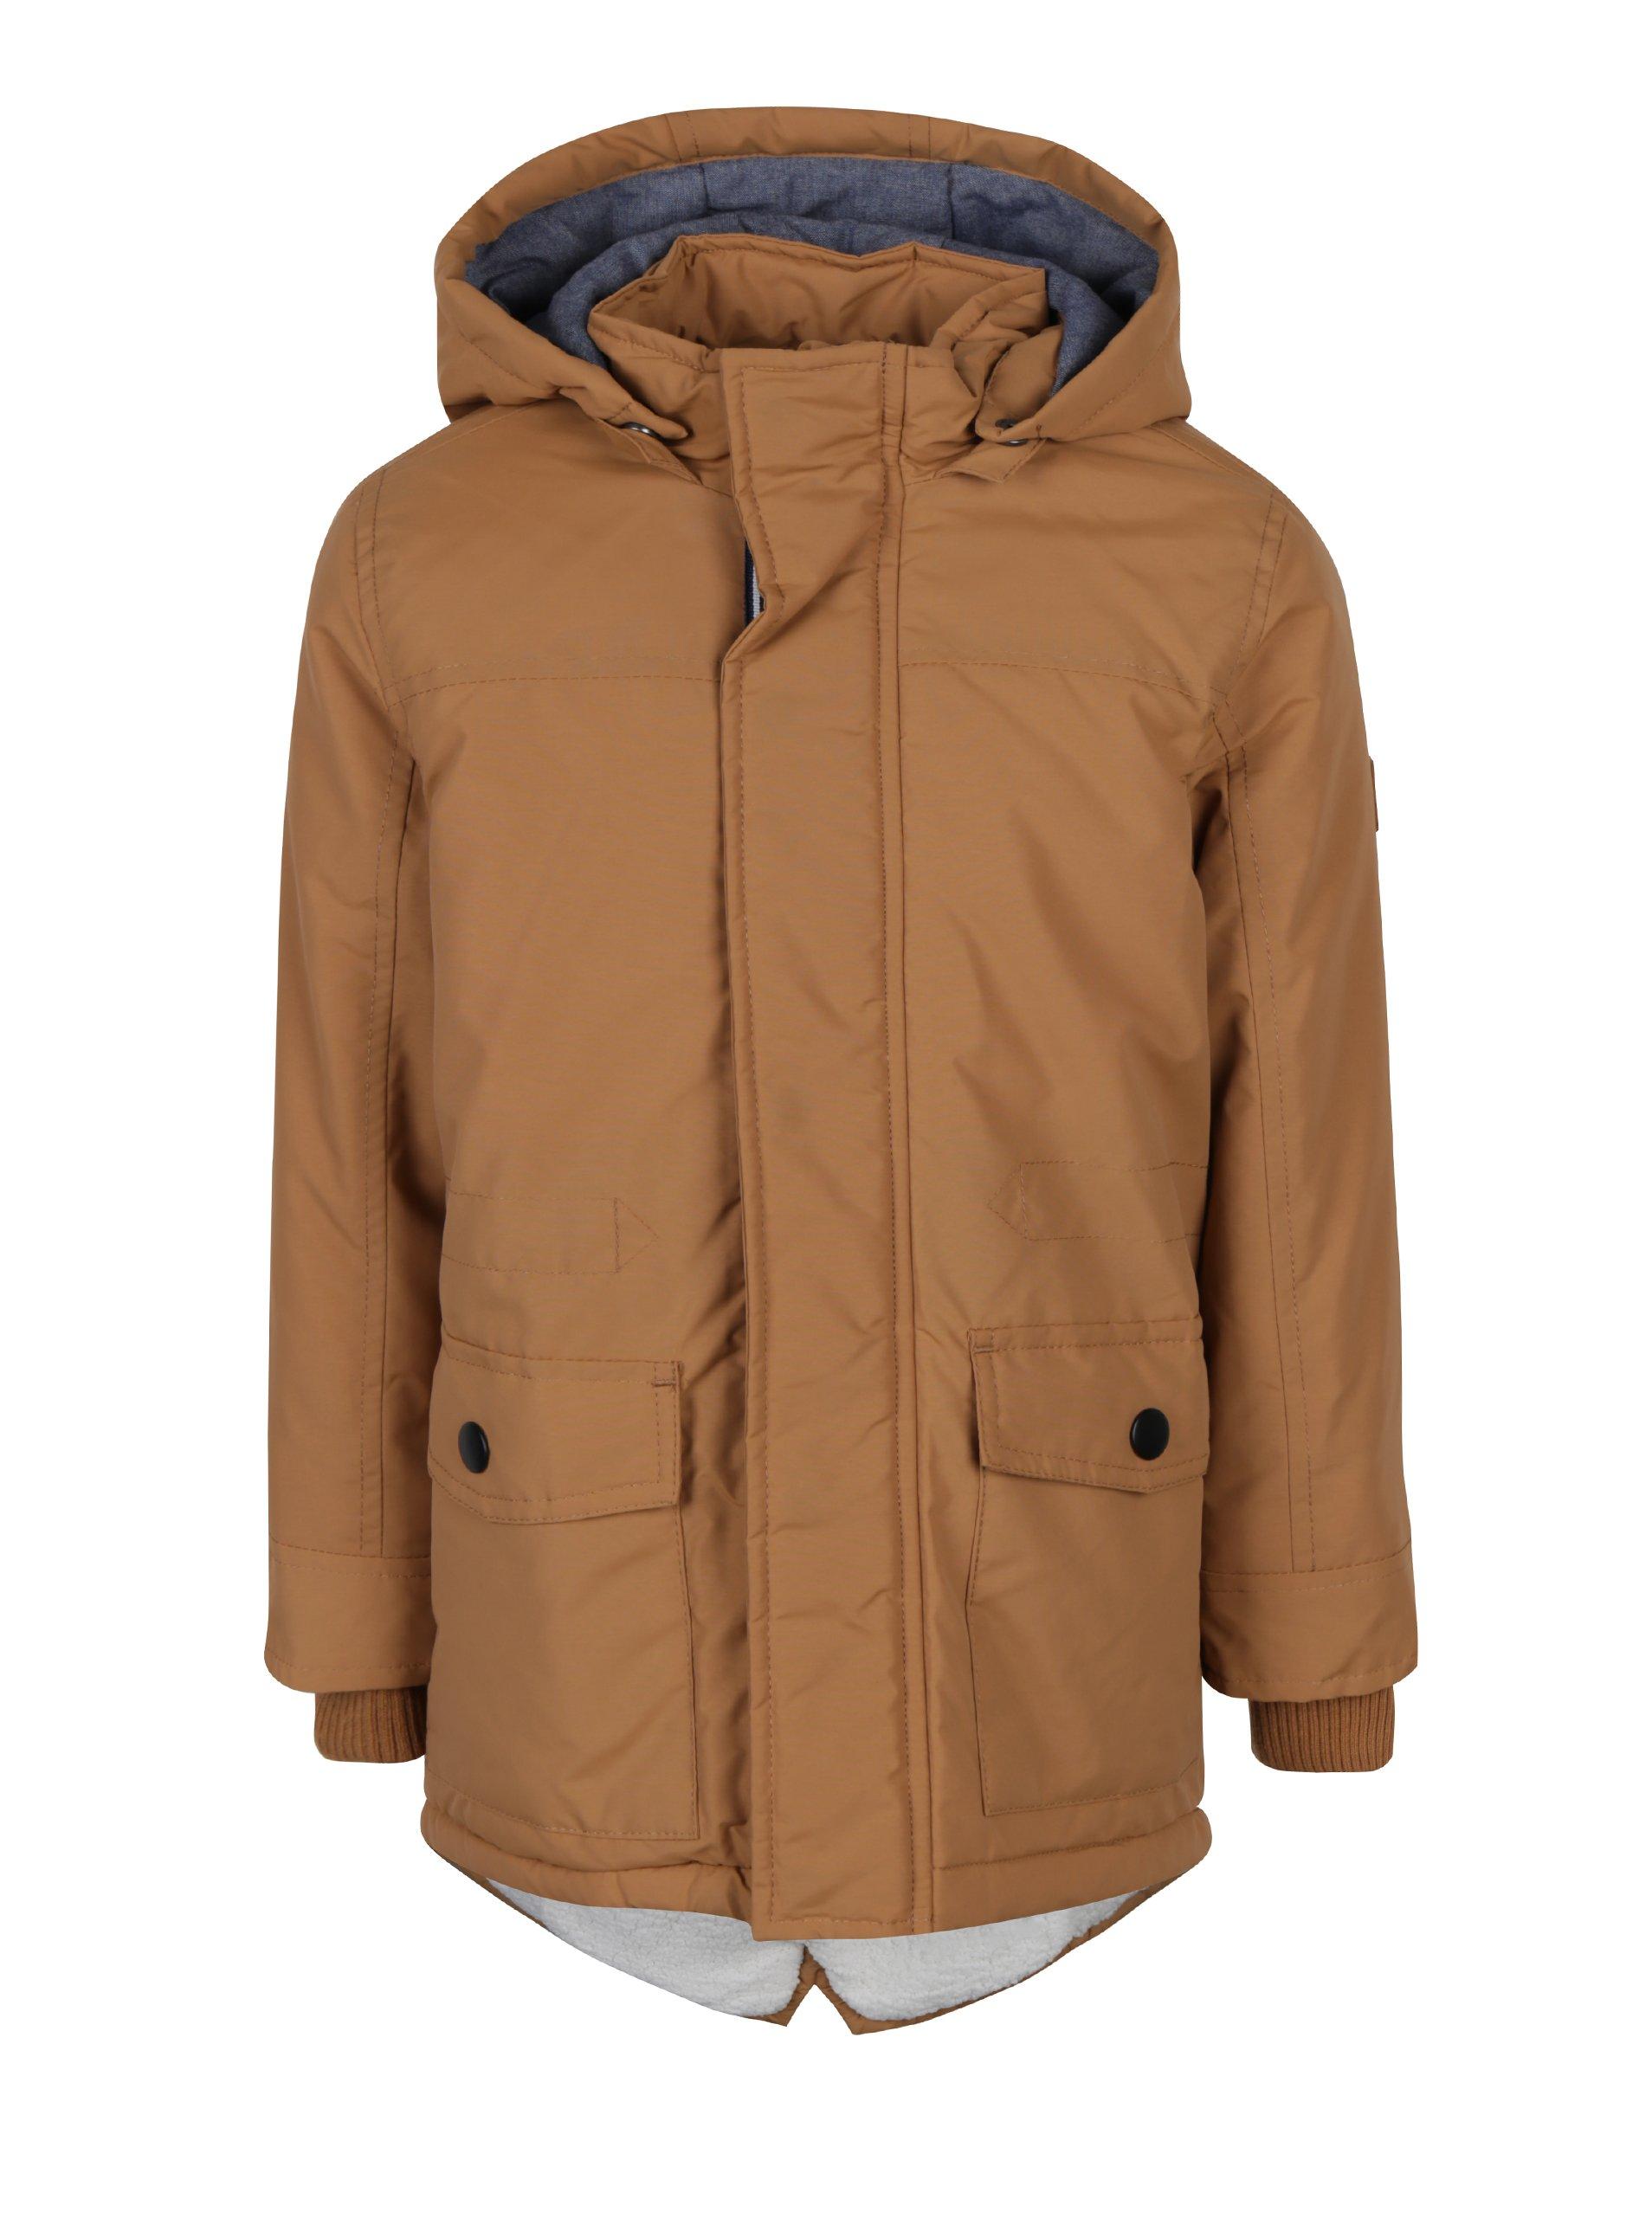 07c728204 Hnědá klučičí bunda s kapucí Name it Myles Kluci > Bundy, kabáty > Bundy